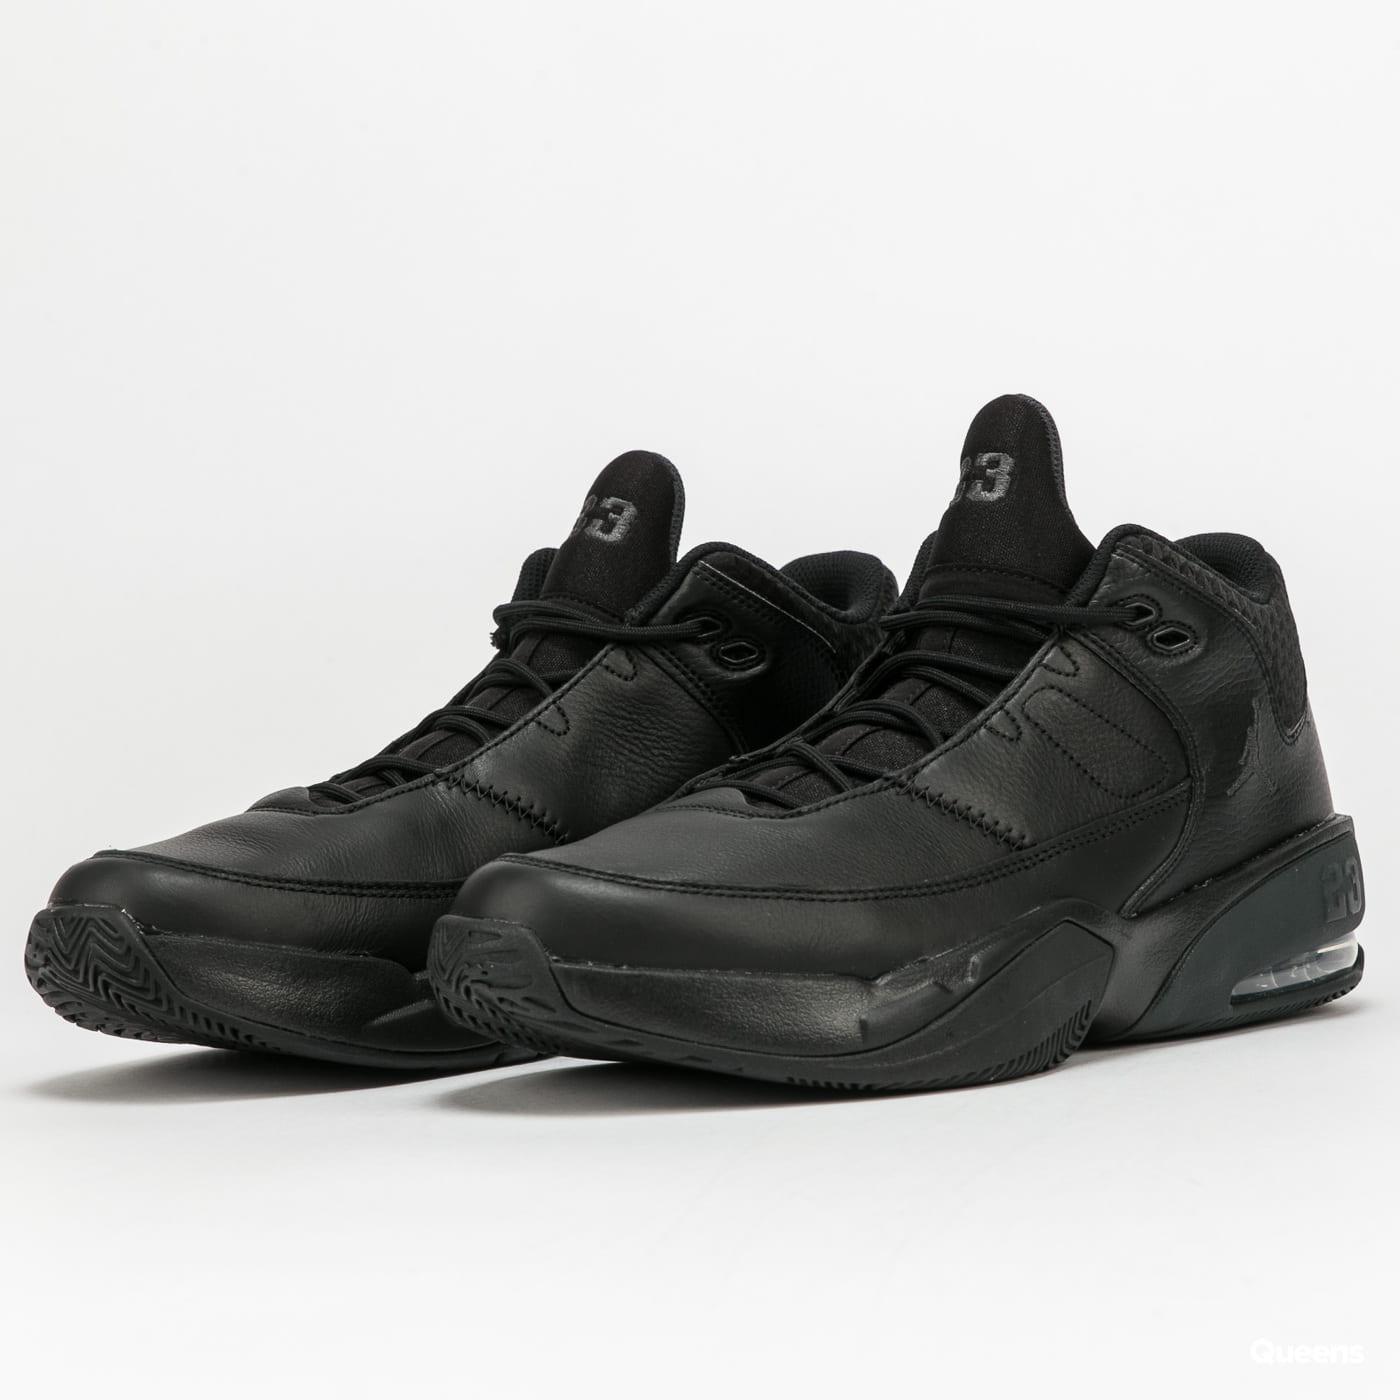 Jordan Max Aura 3 black / anthracite